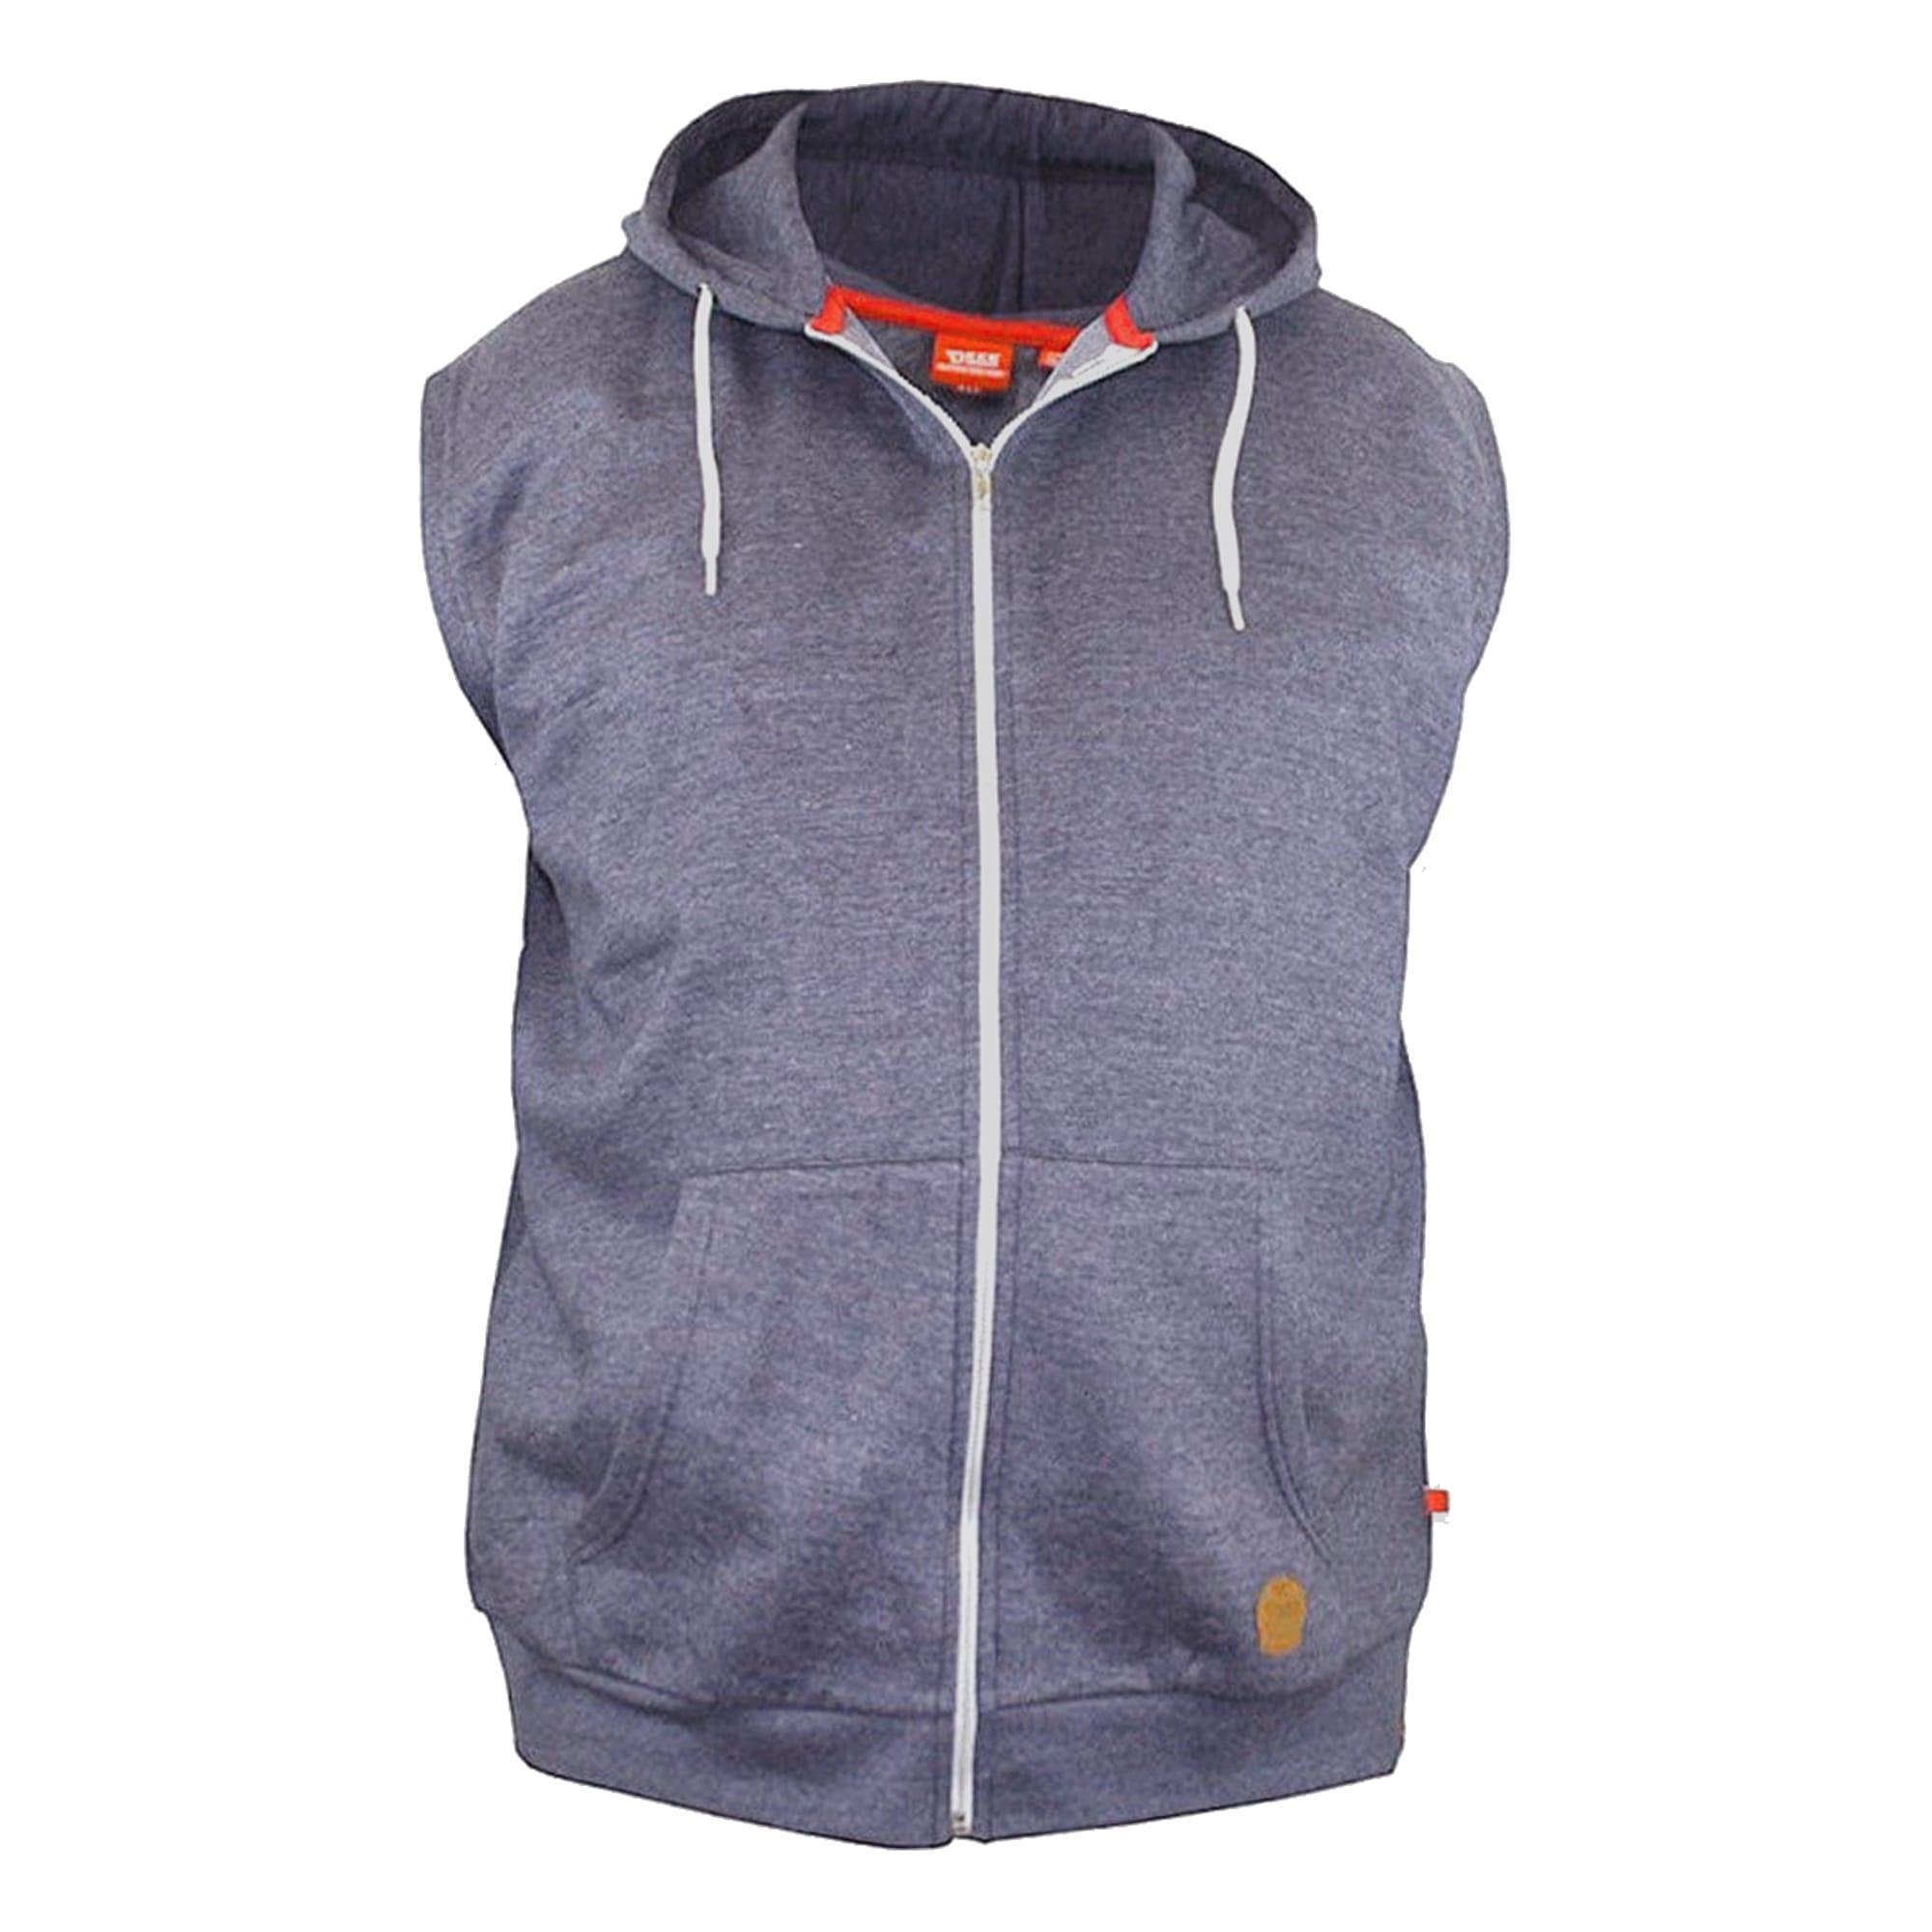 Duke Clothing Sweatweste Herren Kapuzenweste Blake Kingsize ärmellos | Bekleidung > Westen > Sweatwesten | Blau | Duke Clothing